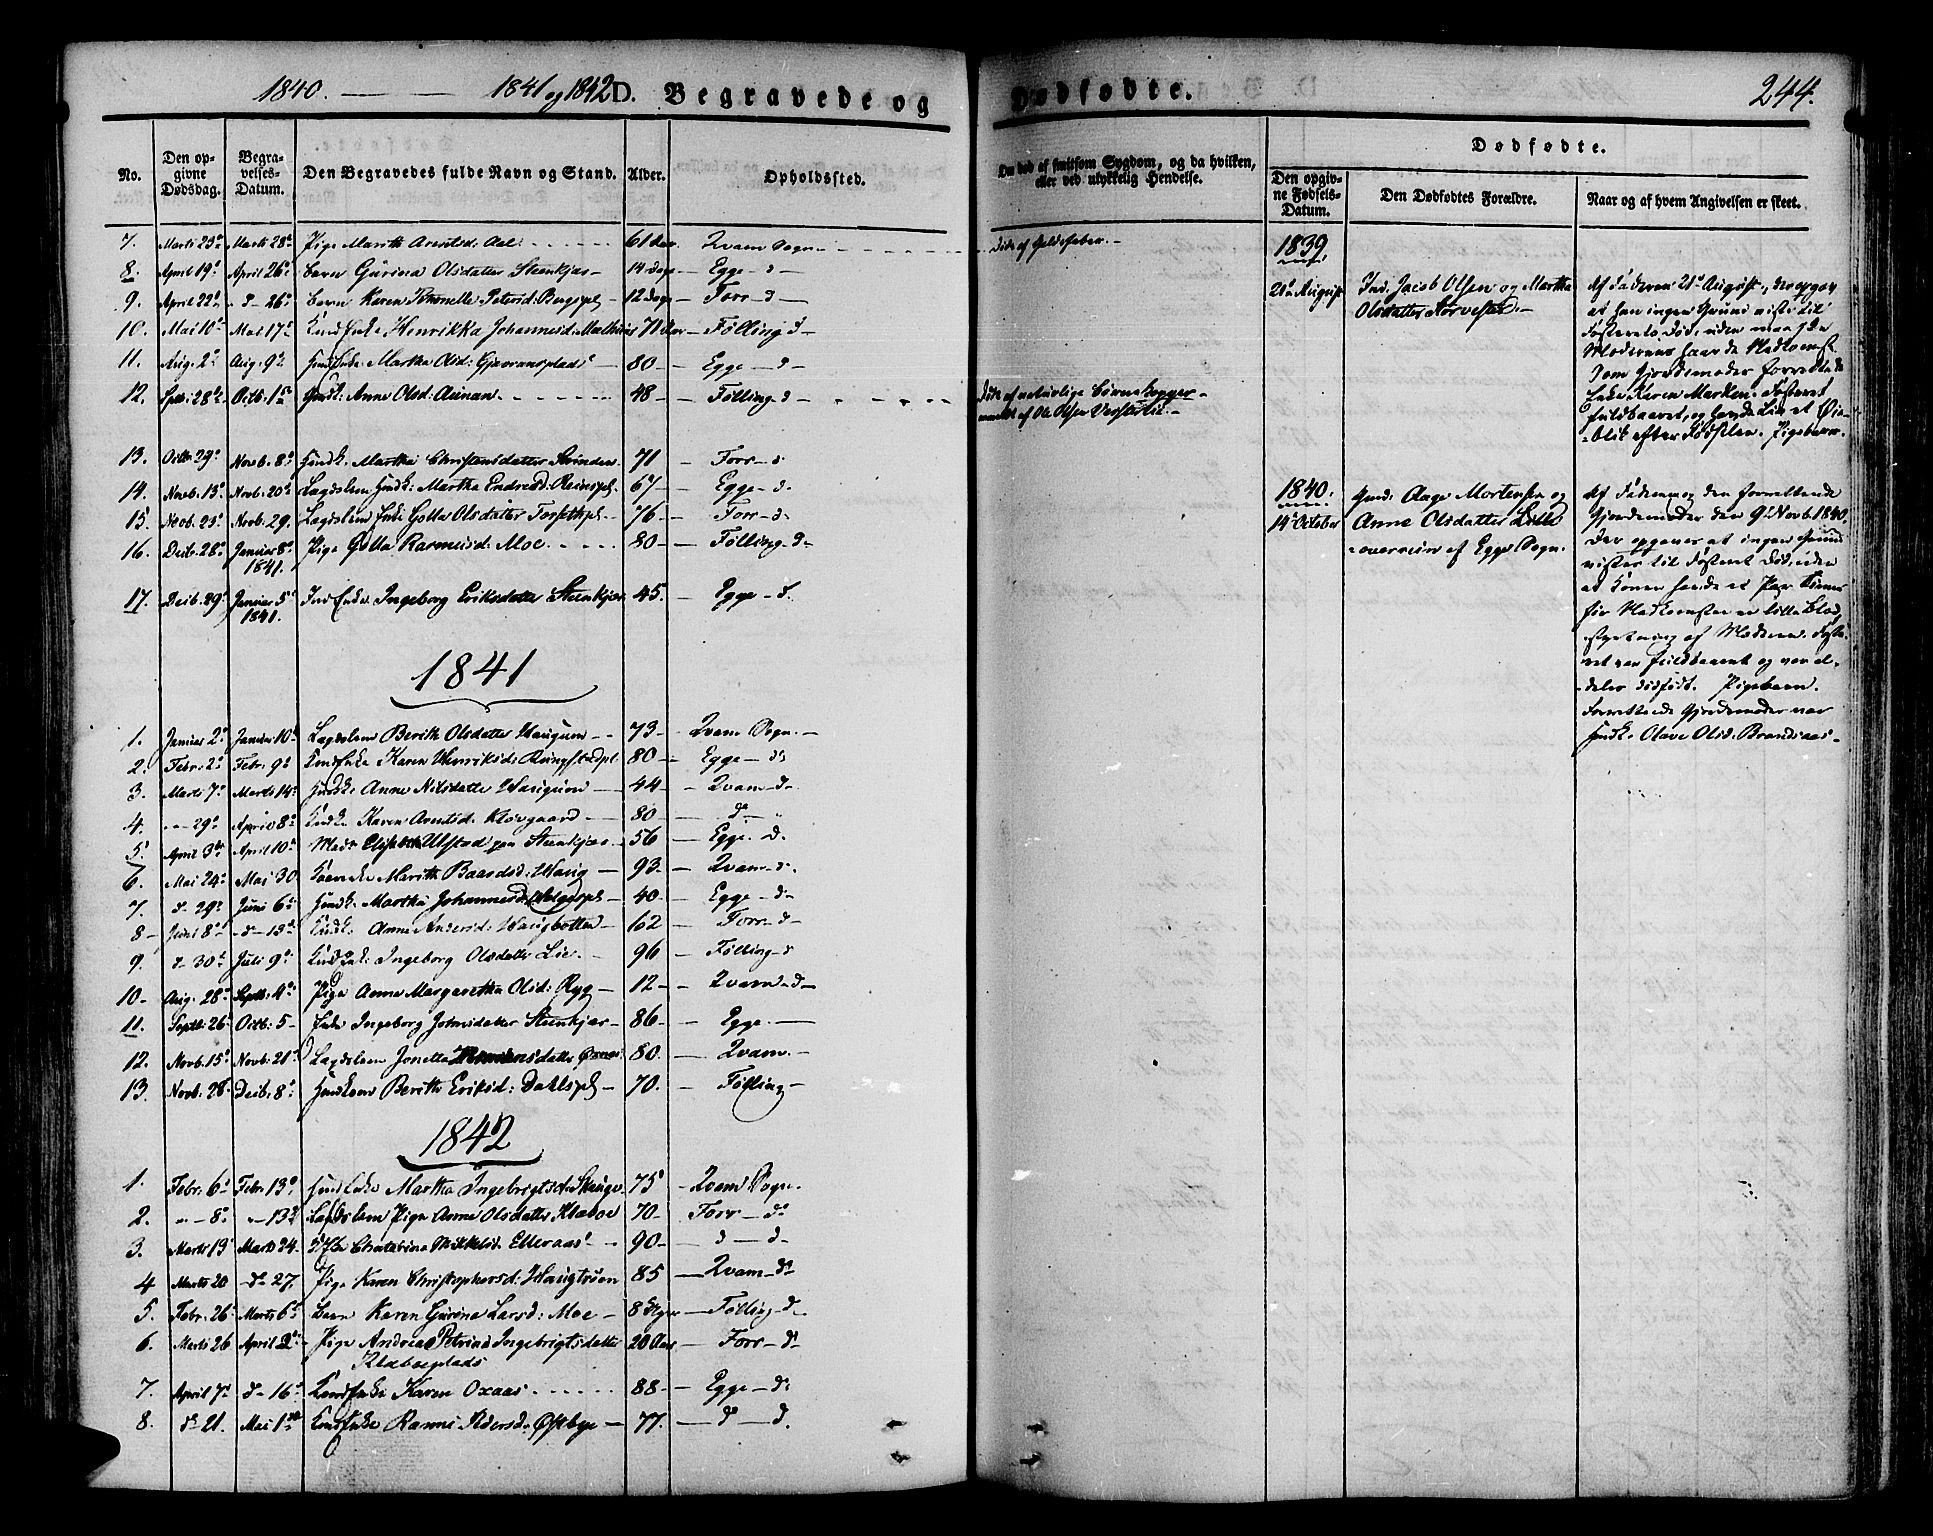 SAT, Ministerialprotokoller, klokkerbøker og fødselsregistre - Nord-Trøndelag, 746/L0445: Ministerialbok nr. 746A04, 1826-1846, s. 244